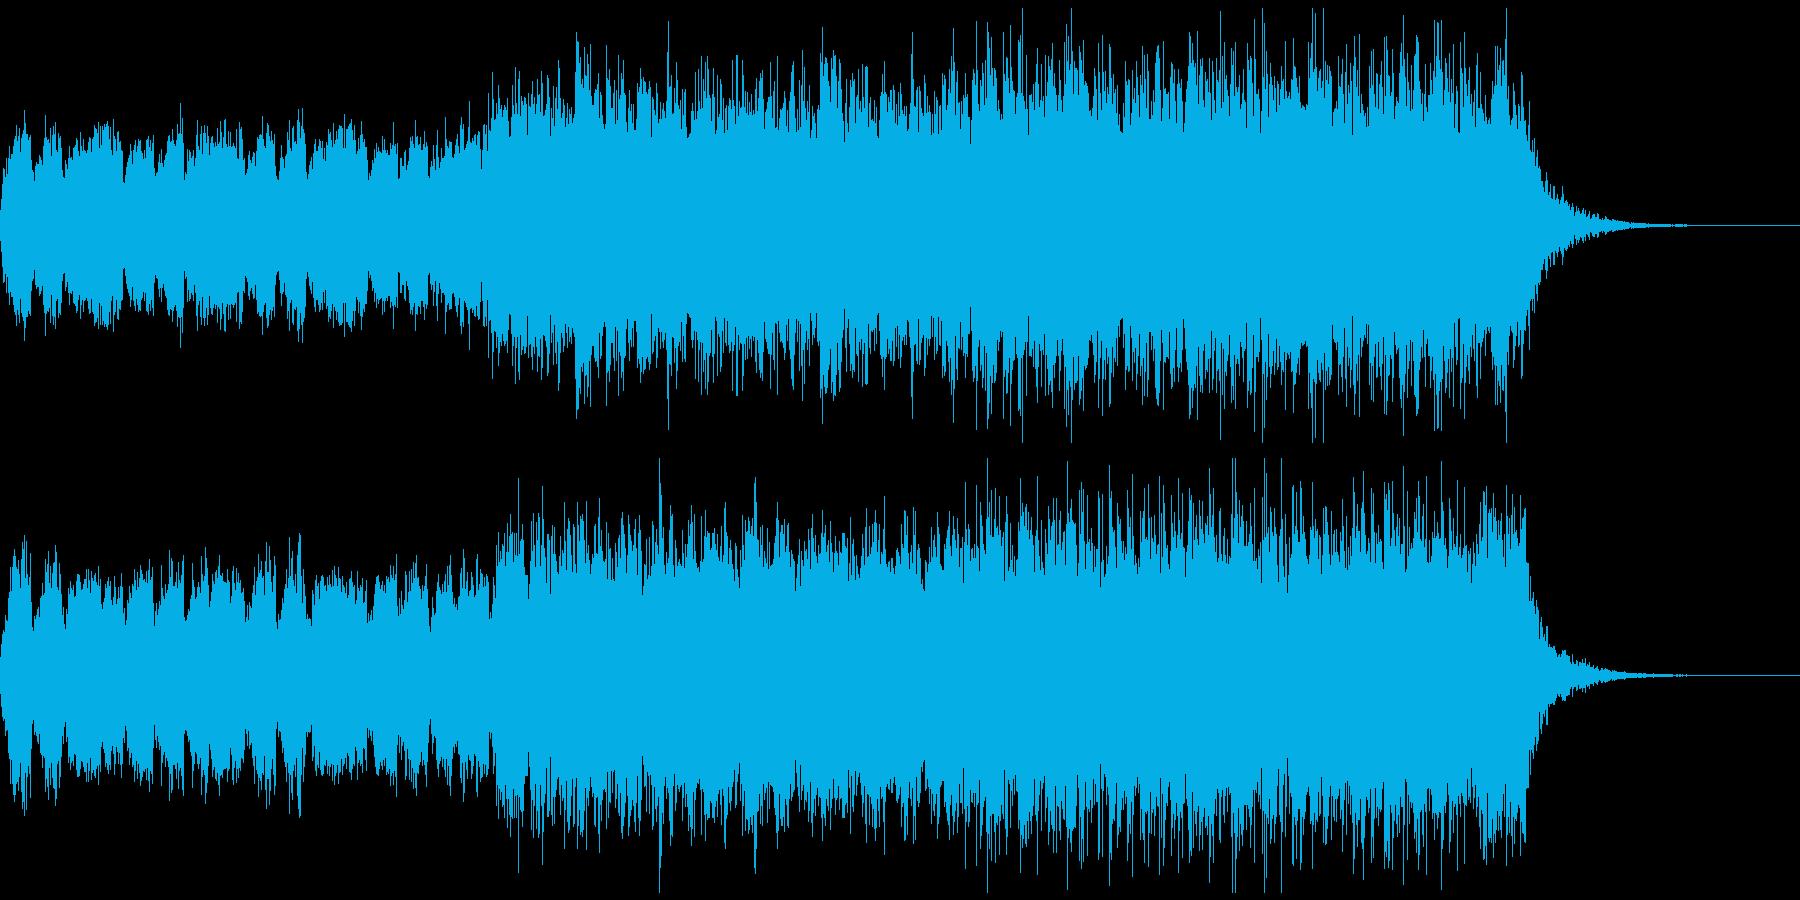 始まりを感じさせるストリングス系BGMの再生済みの波形